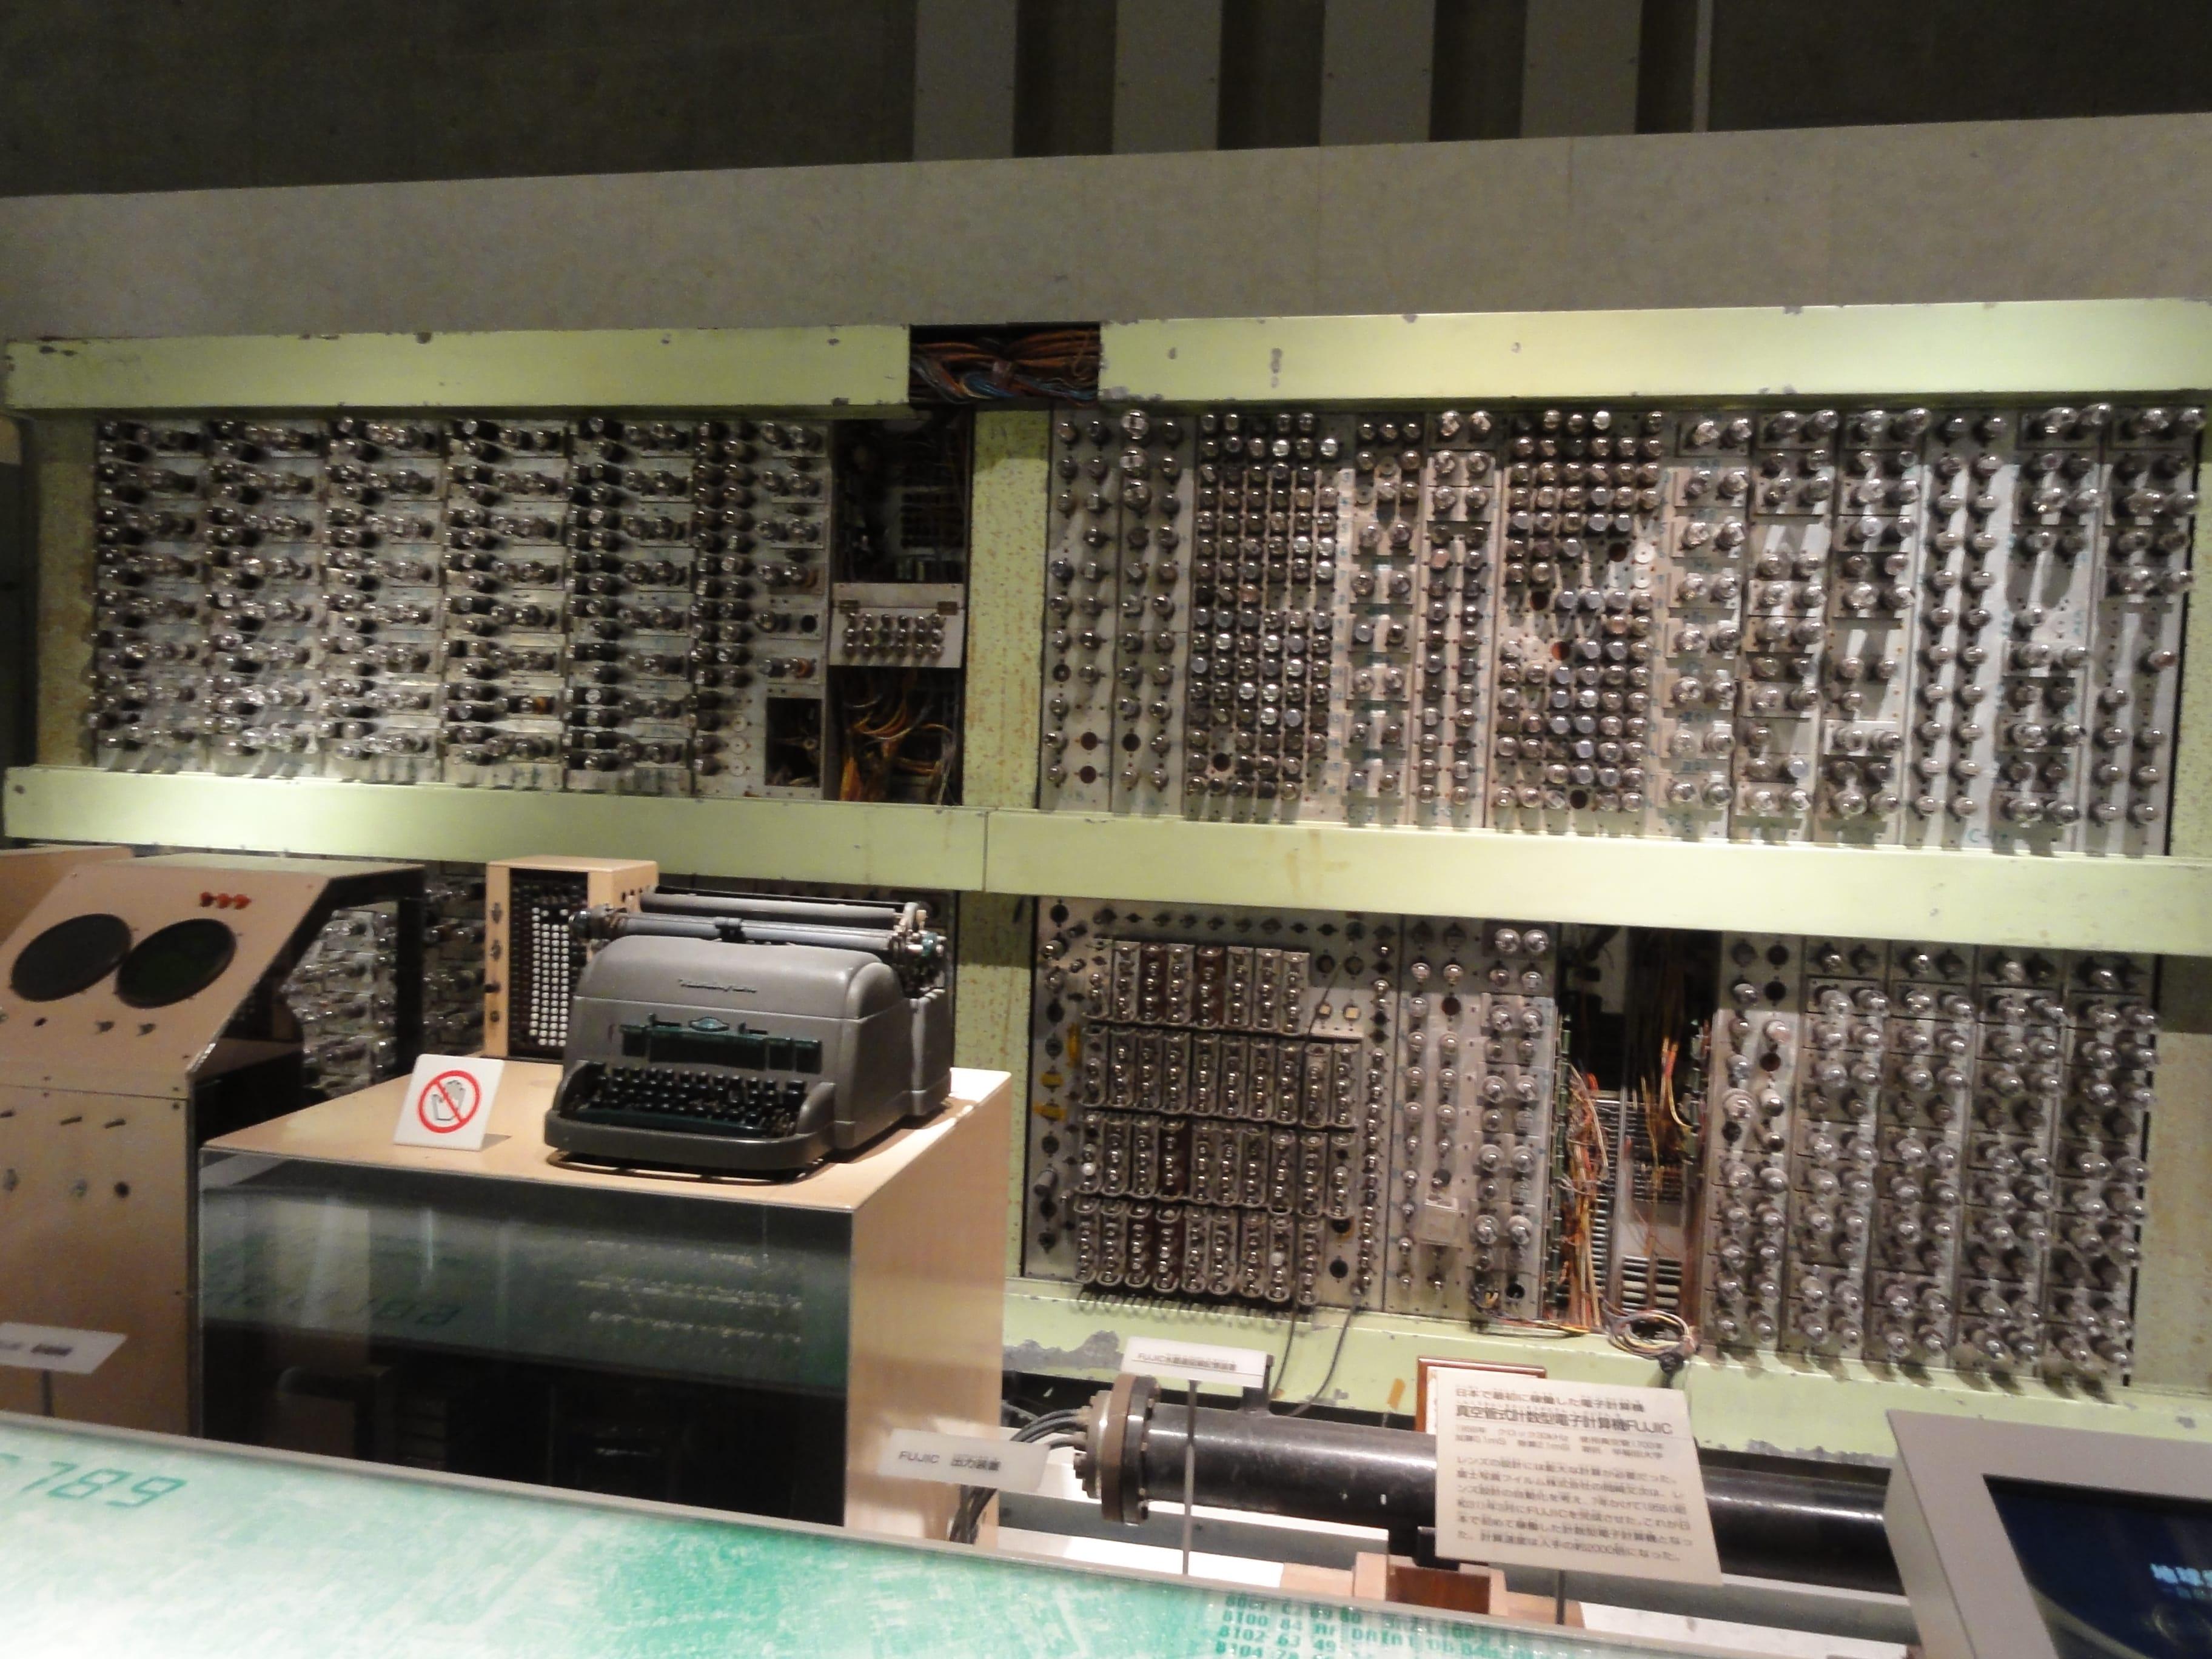 真空管式計算機